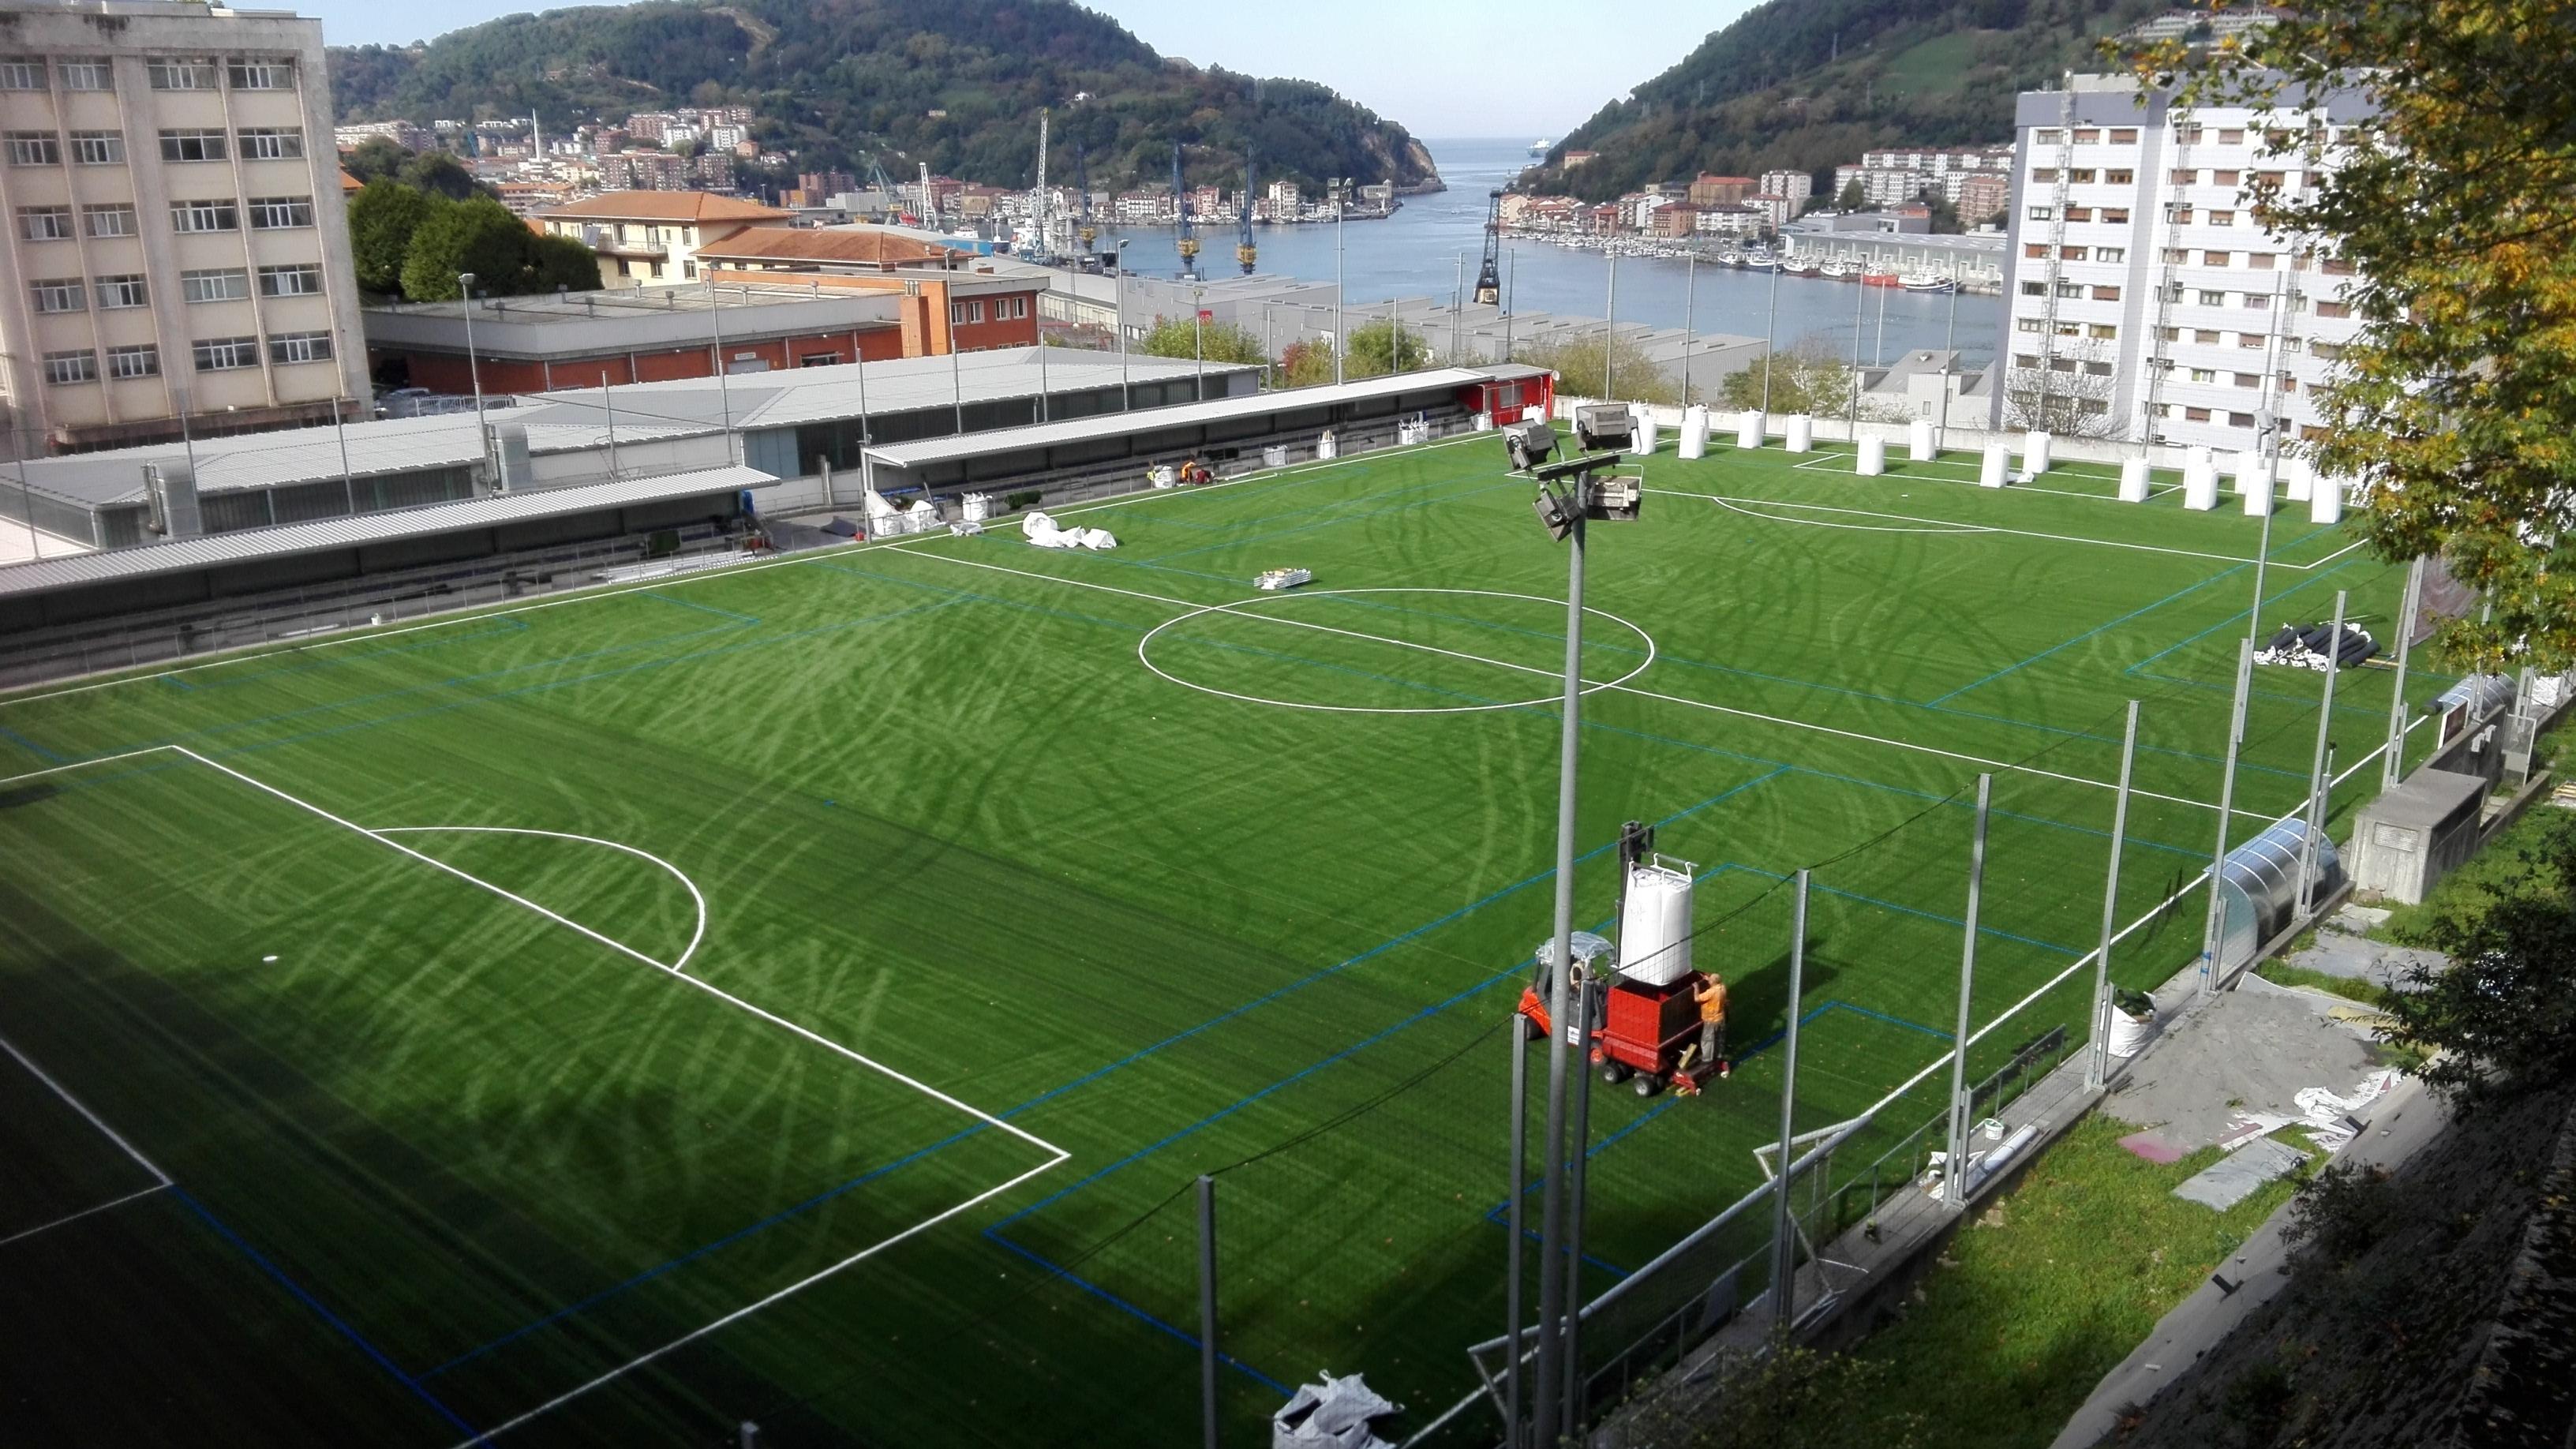 Campo de Fútbol  Instituto Don Bosko Pasaia, Guipuzkoa Image